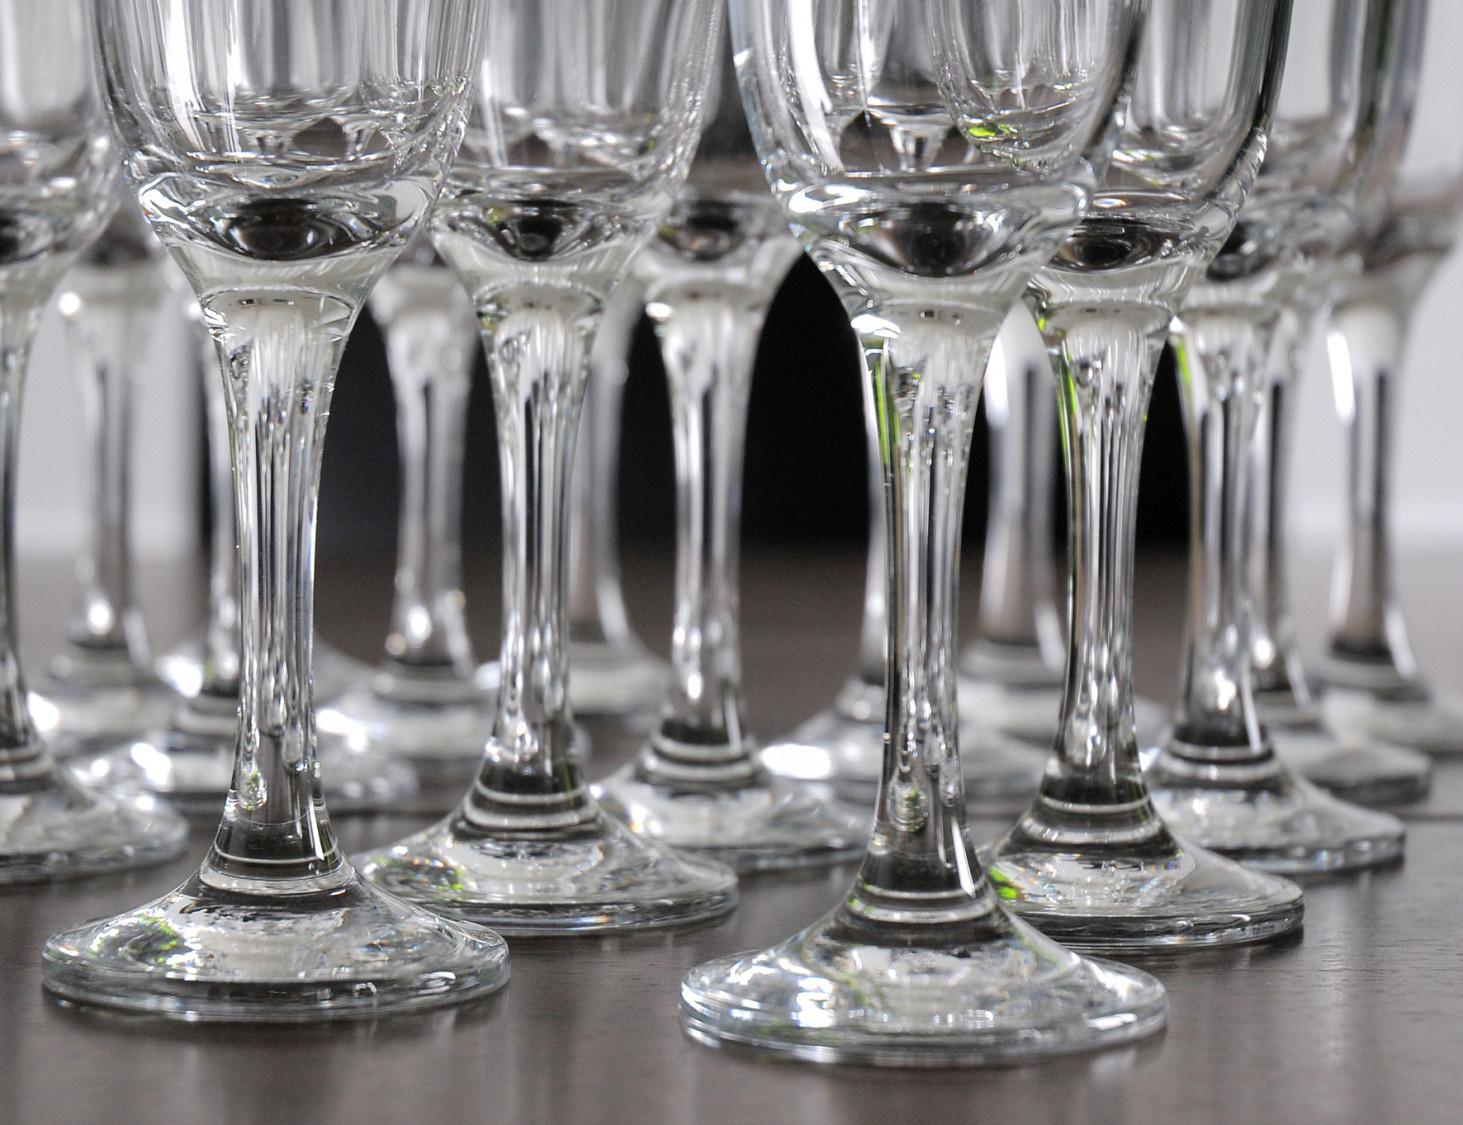 Vienam 15 metų ir vyresniam gyventojui pernai teko 11,4 litro alkoholio